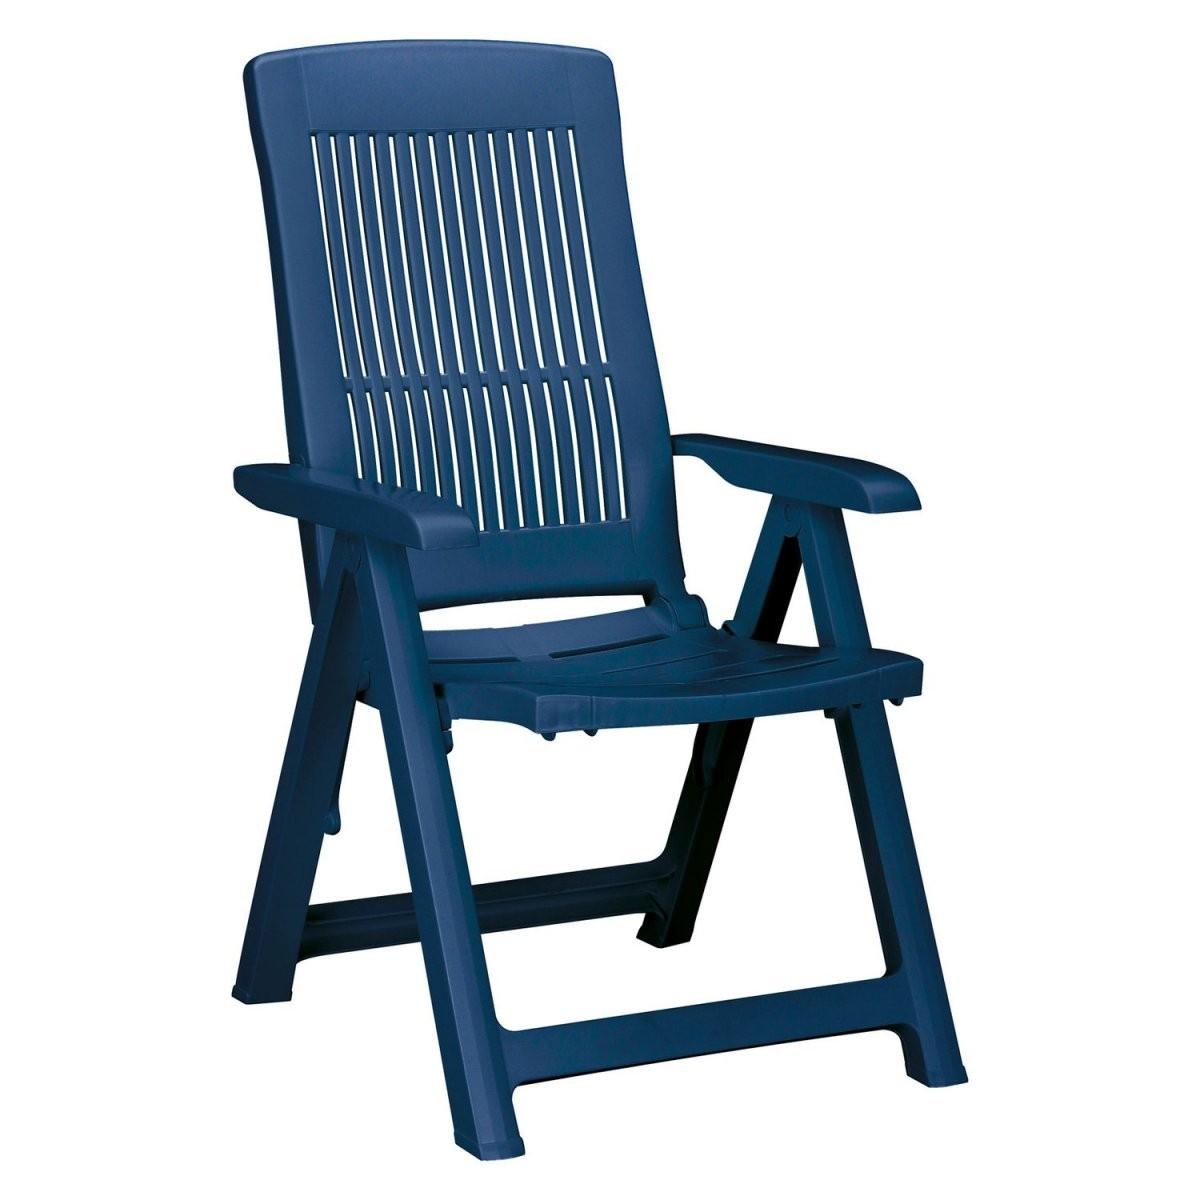 Klappsessel Santiago Blau Kaufen Bei Obi von Gartenstuhl Hochlehner Kunststoff Blau Bild